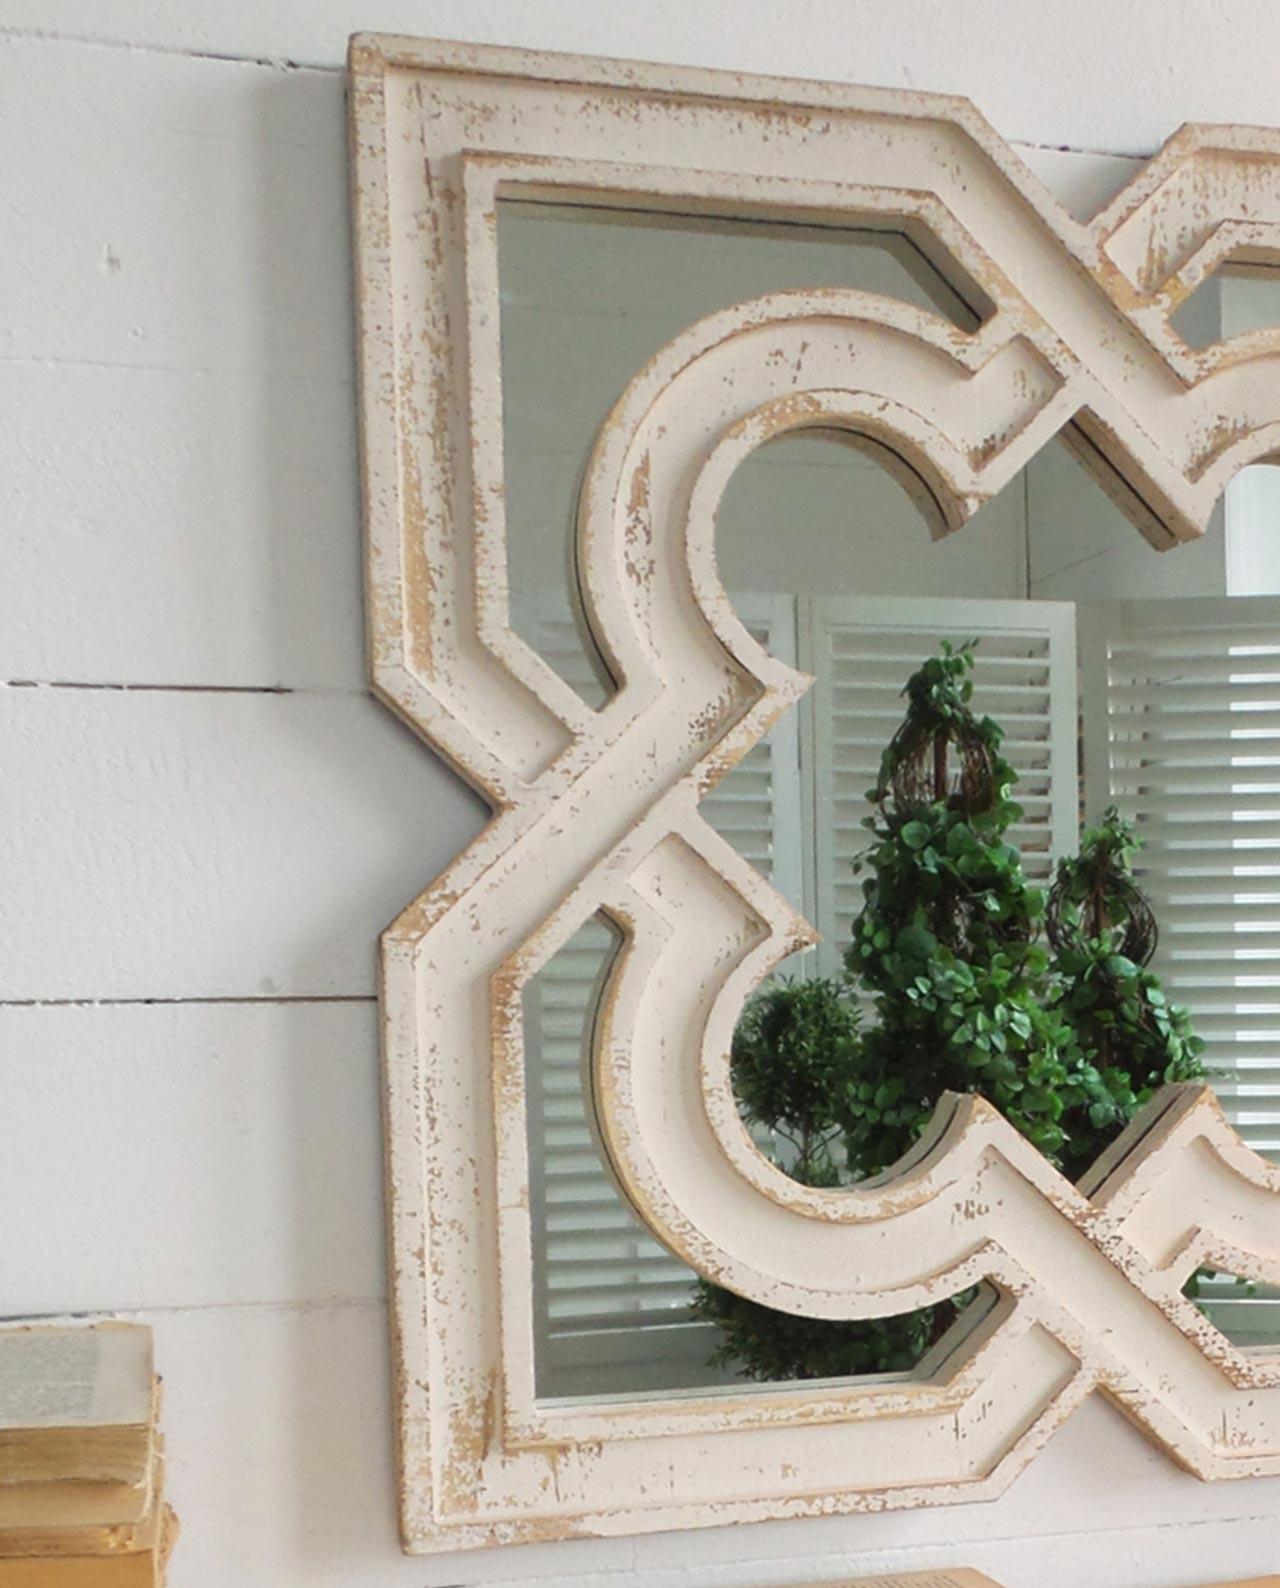 specchi particolari da parete in legno intagliato